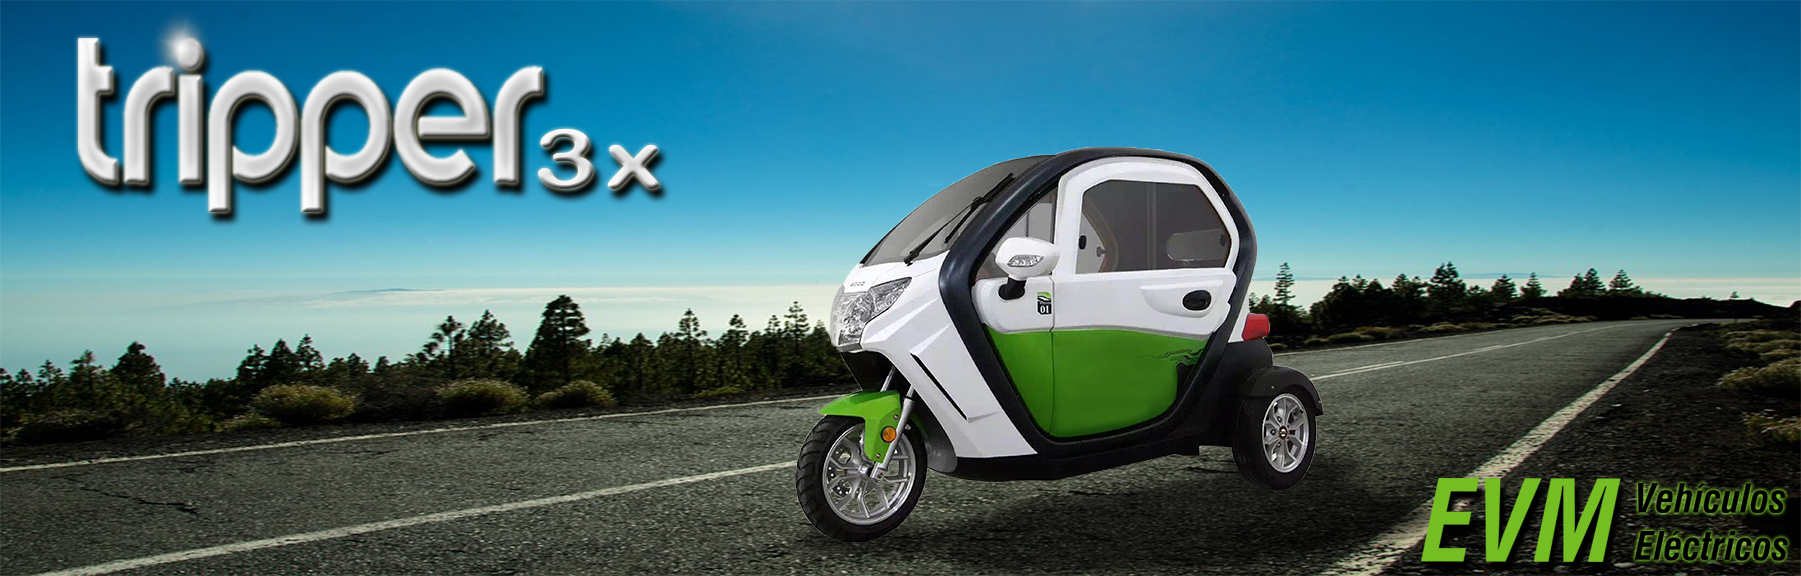 tripper 3x